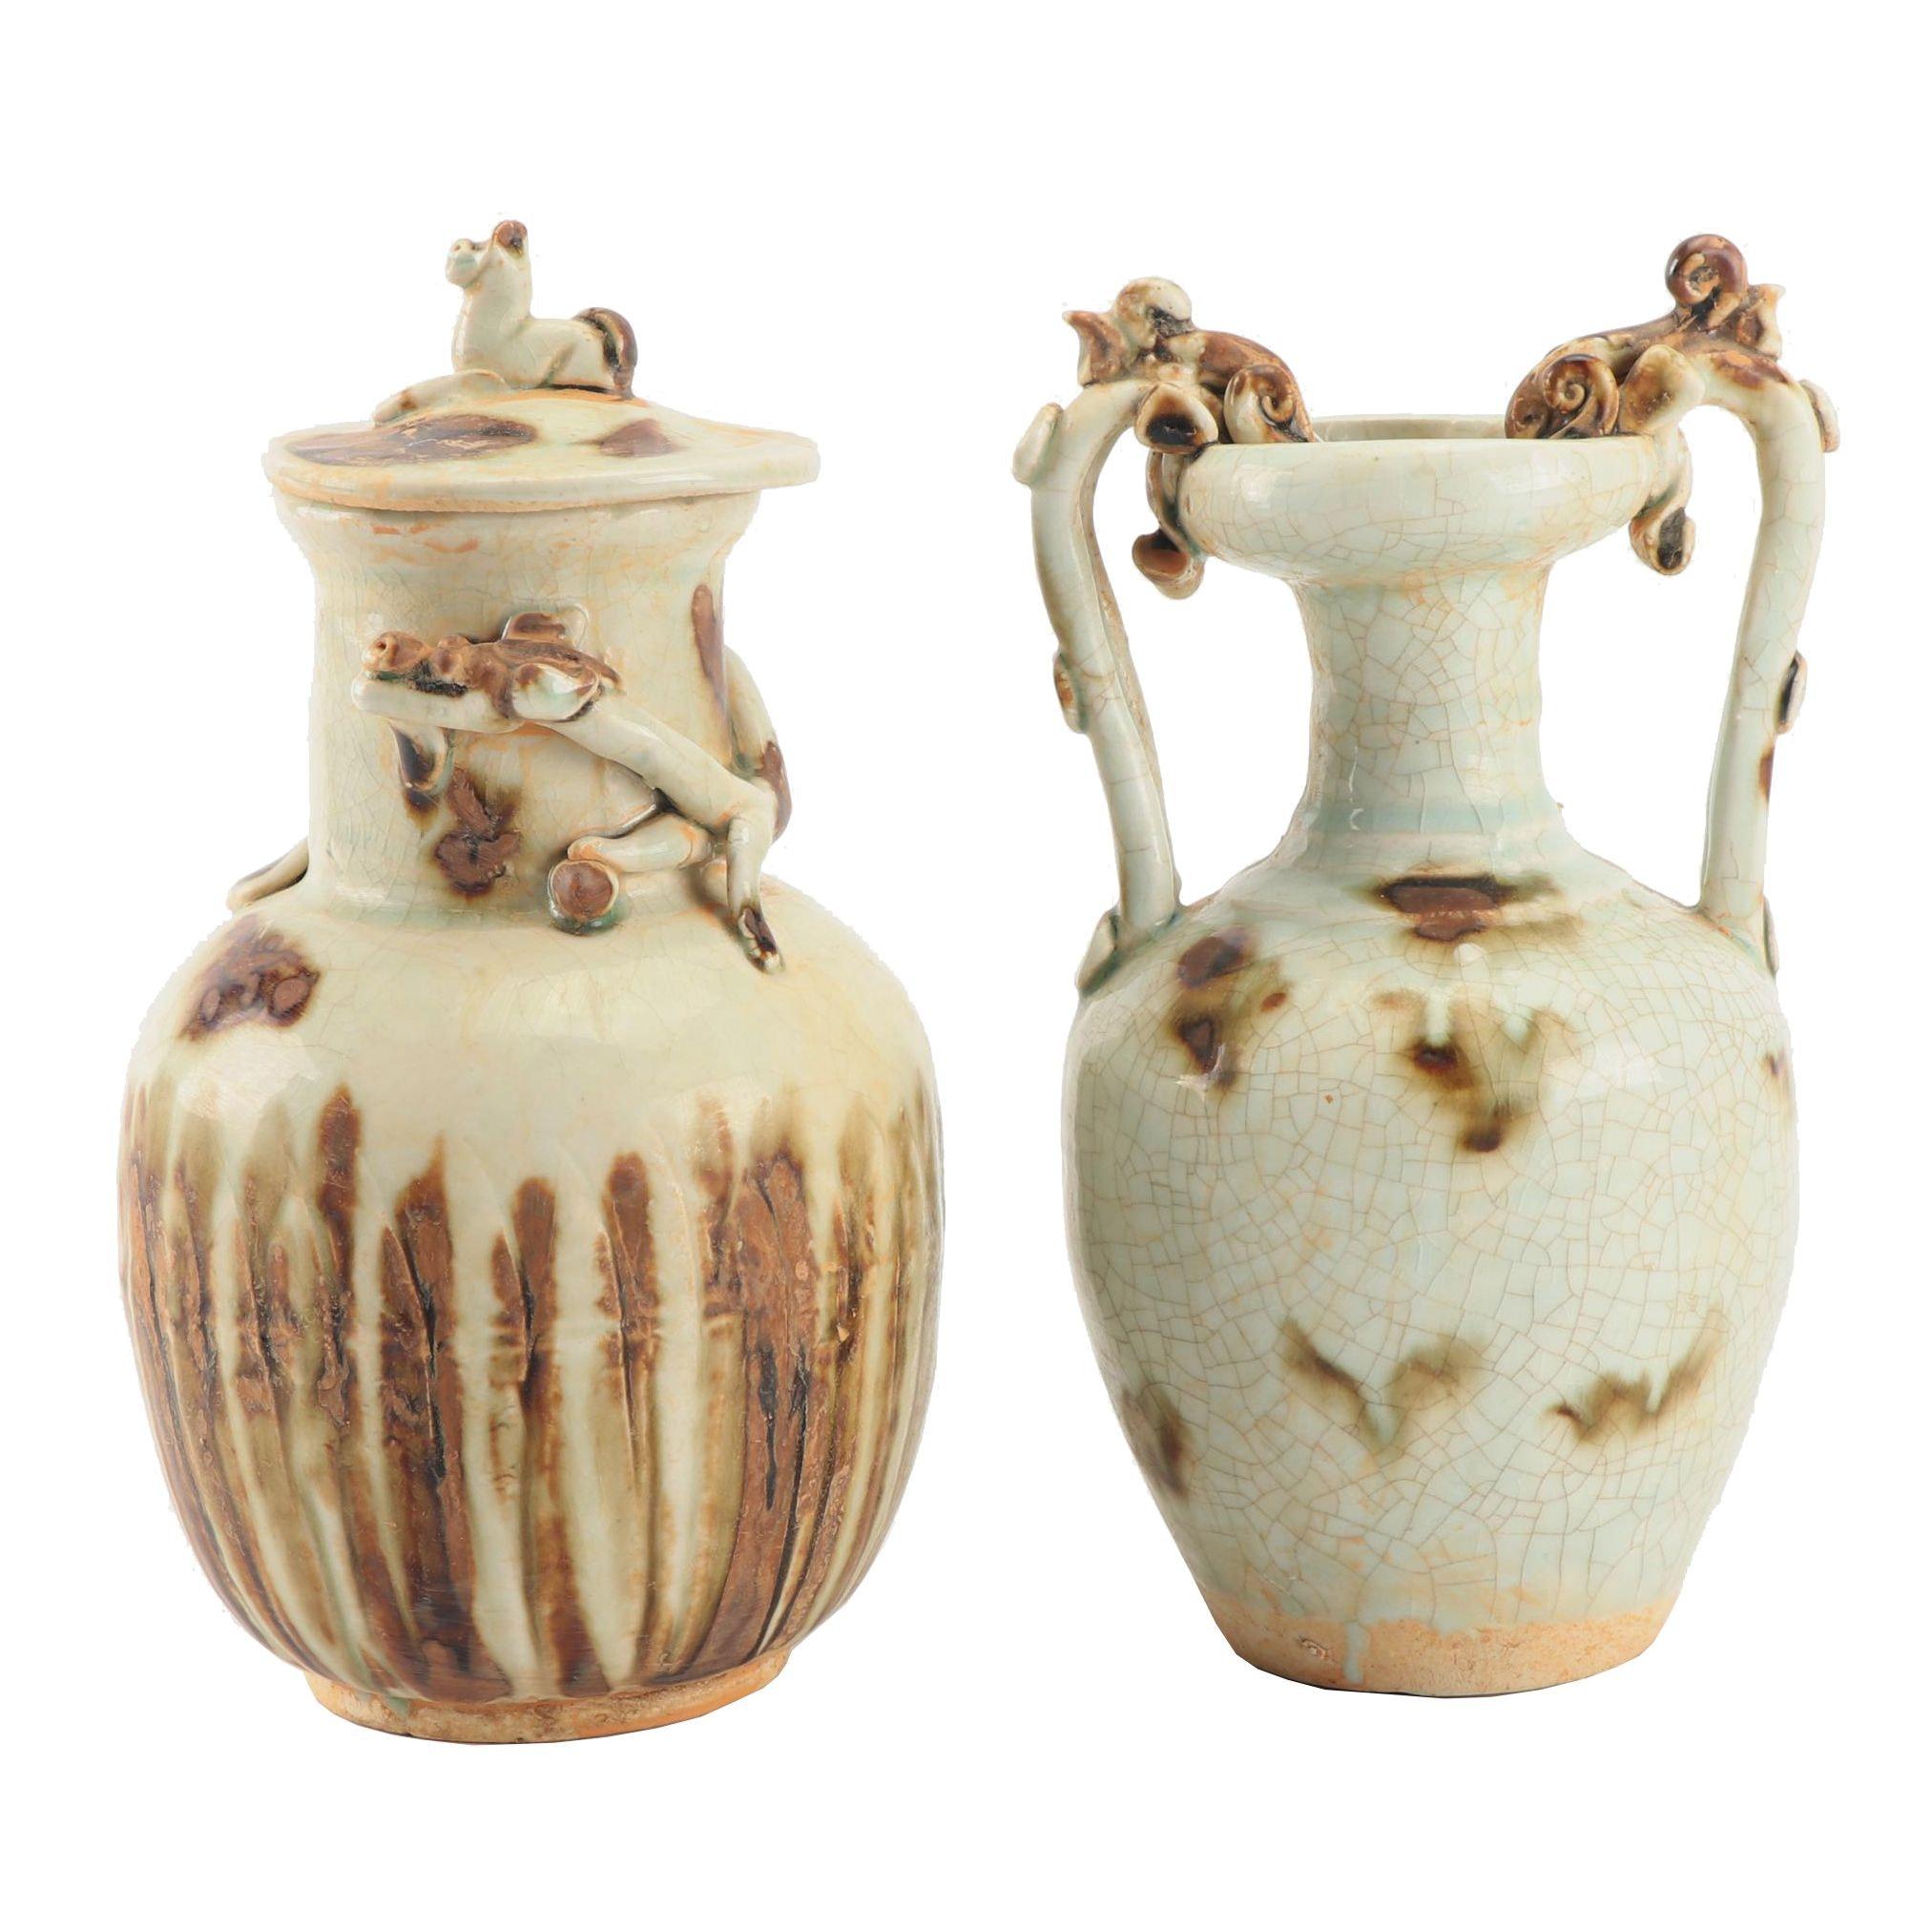 Chinese Drip Glaze Ceramic Vases